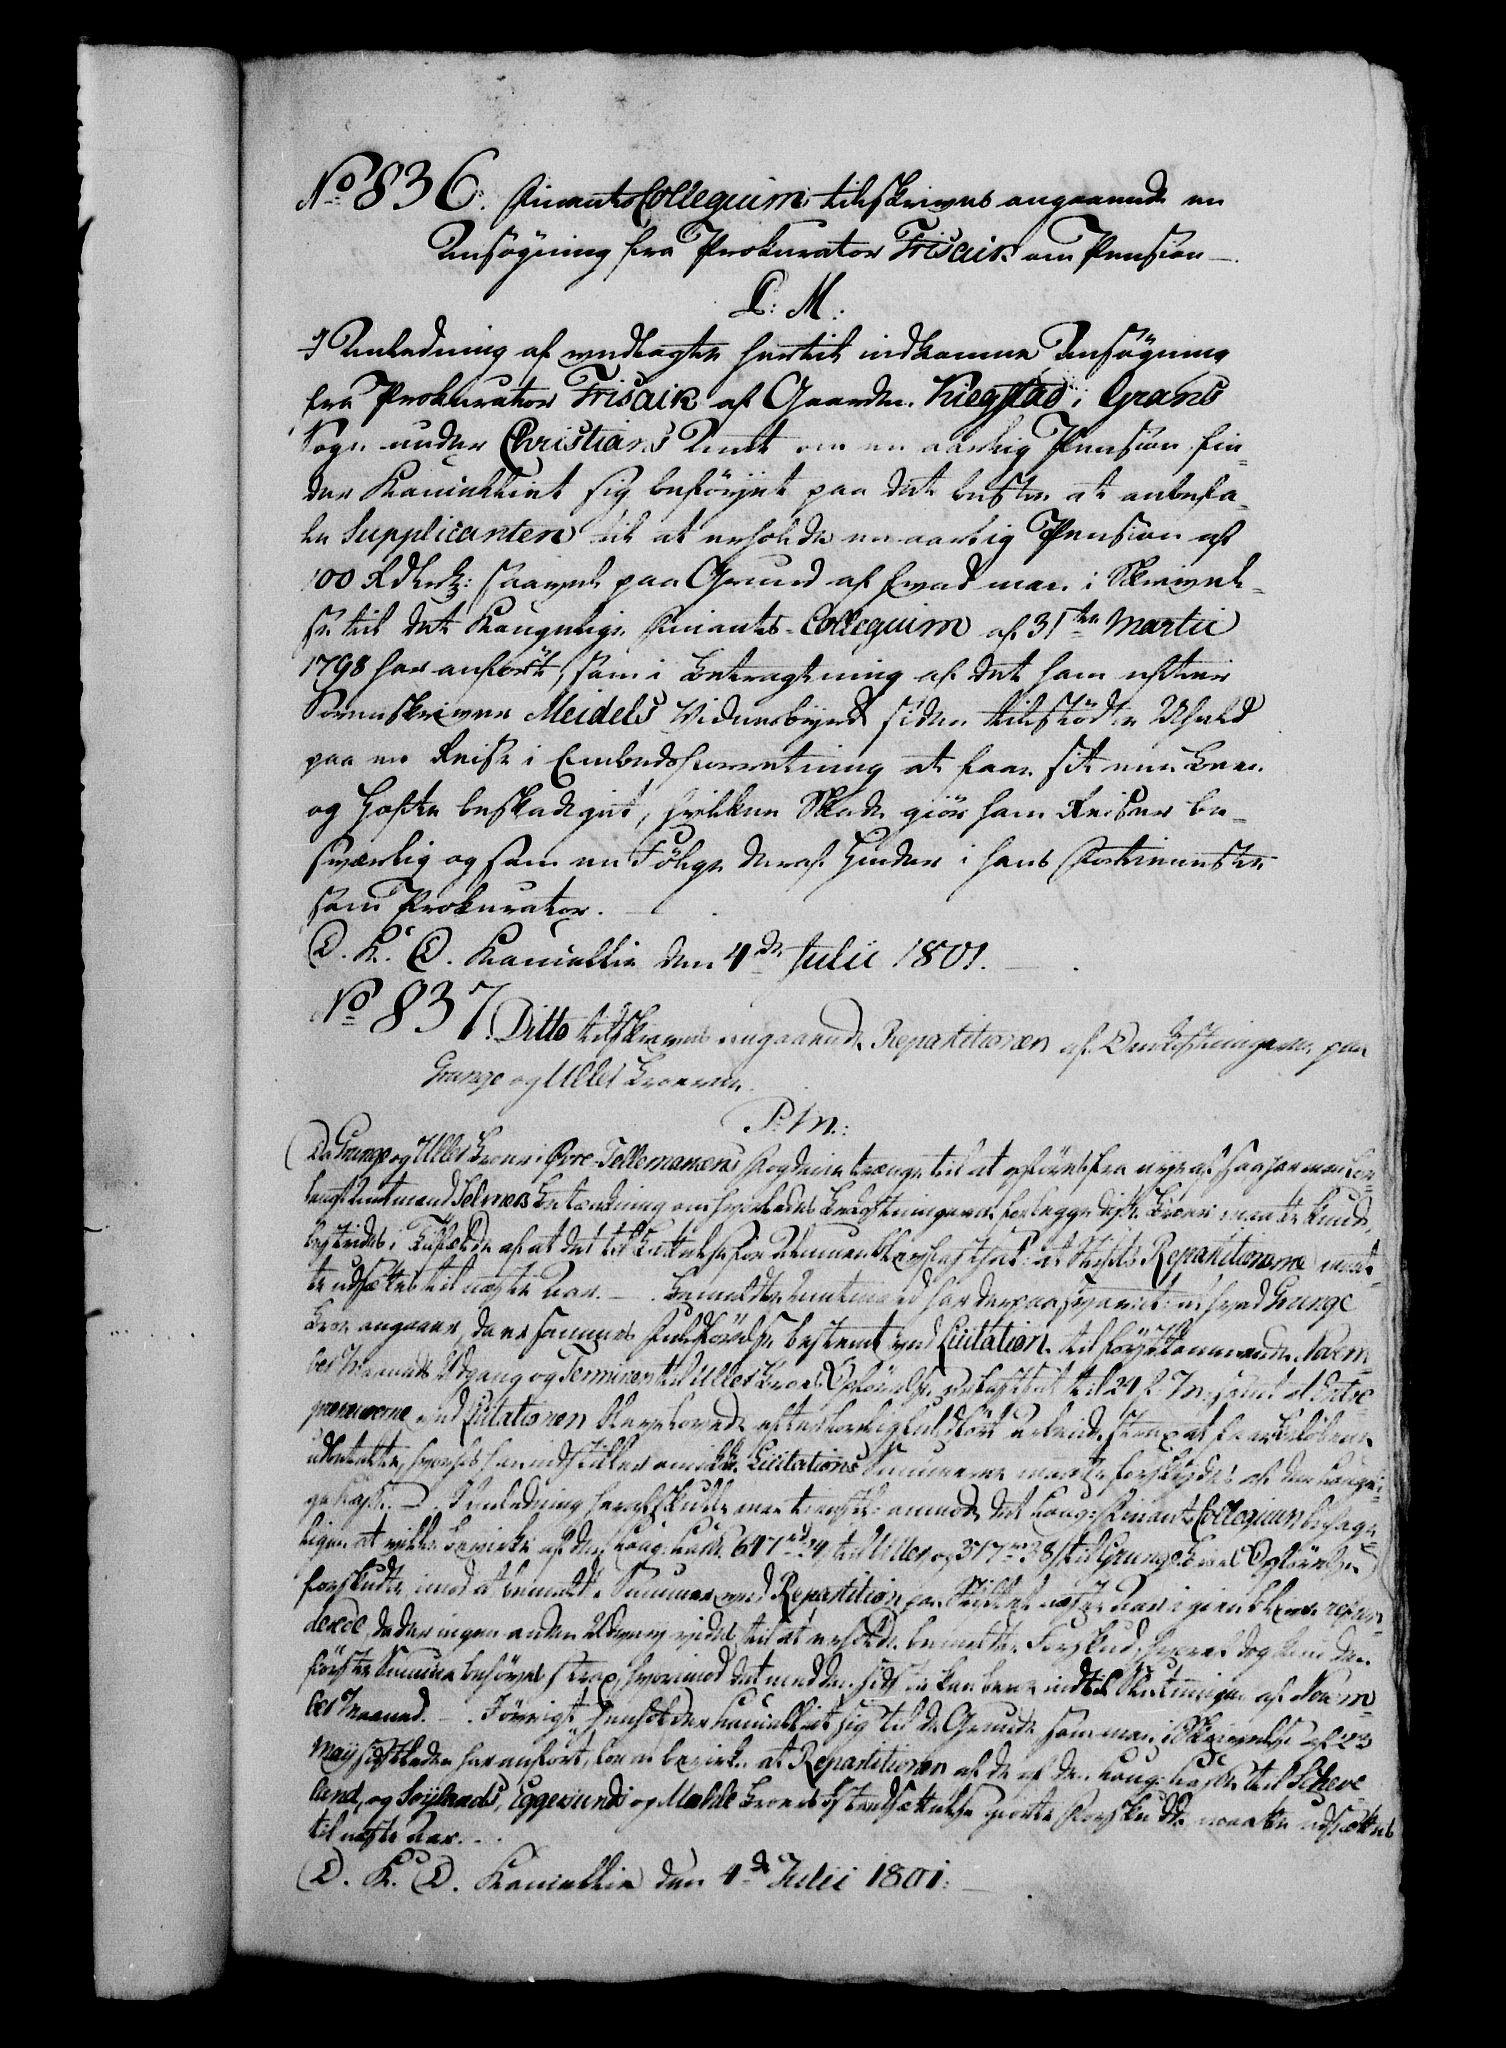 RA, Danske Kanselli 1800-1814, H/Hg/Hga/Hgaa/L0004: Brevbok, 1801